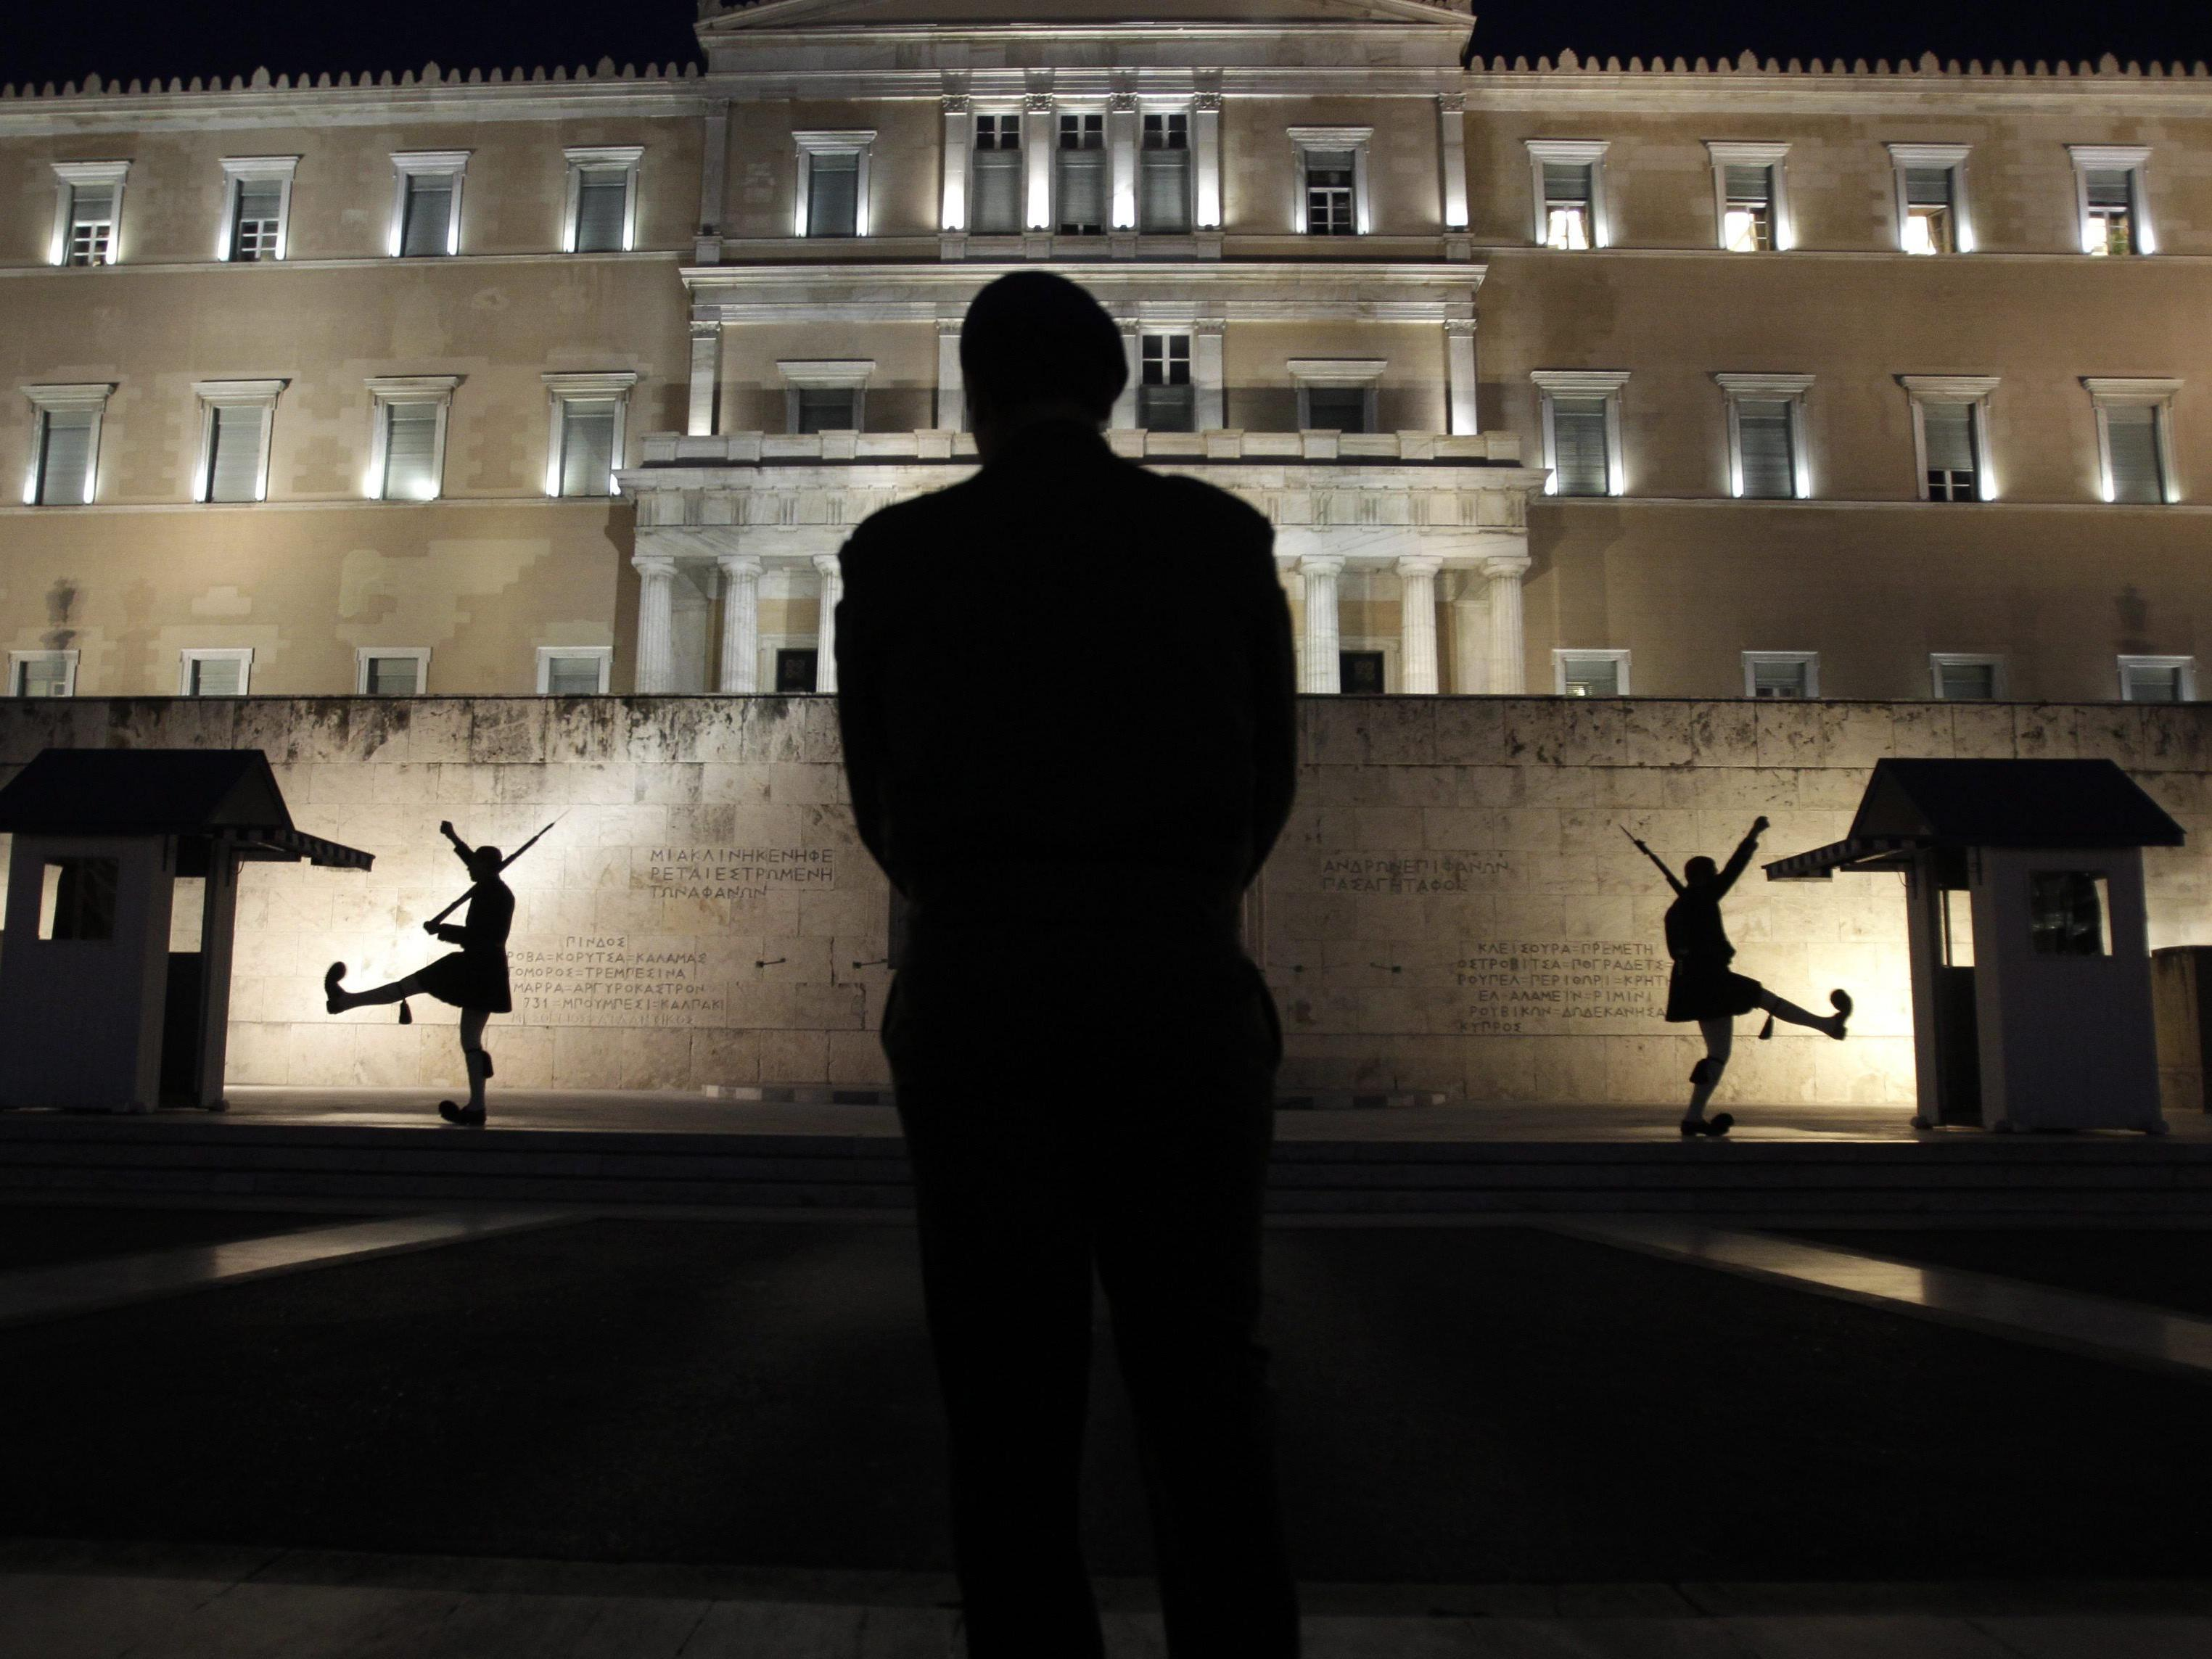 Griechische Reformliste bereits an Institutionen verschickt